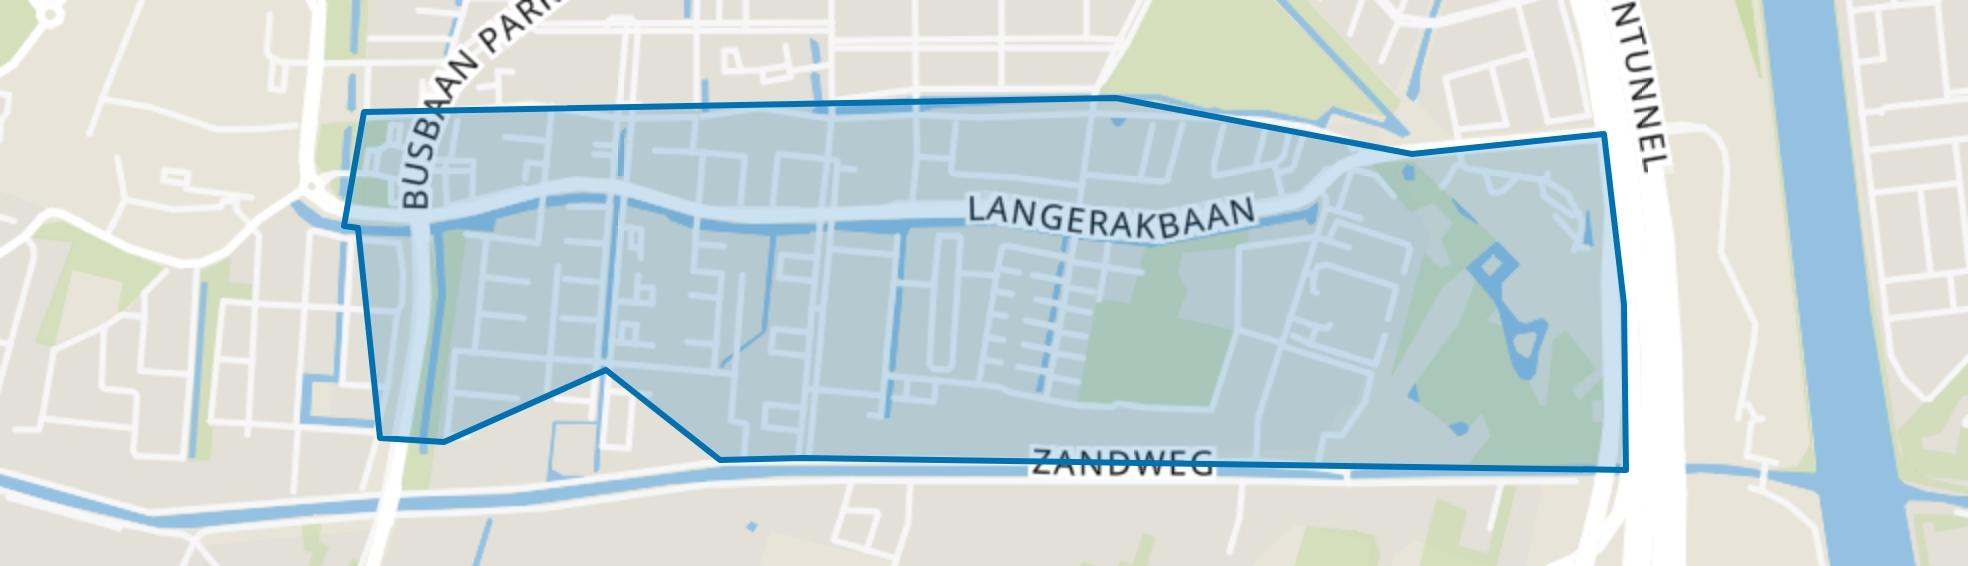 Langerak, Utrecht map